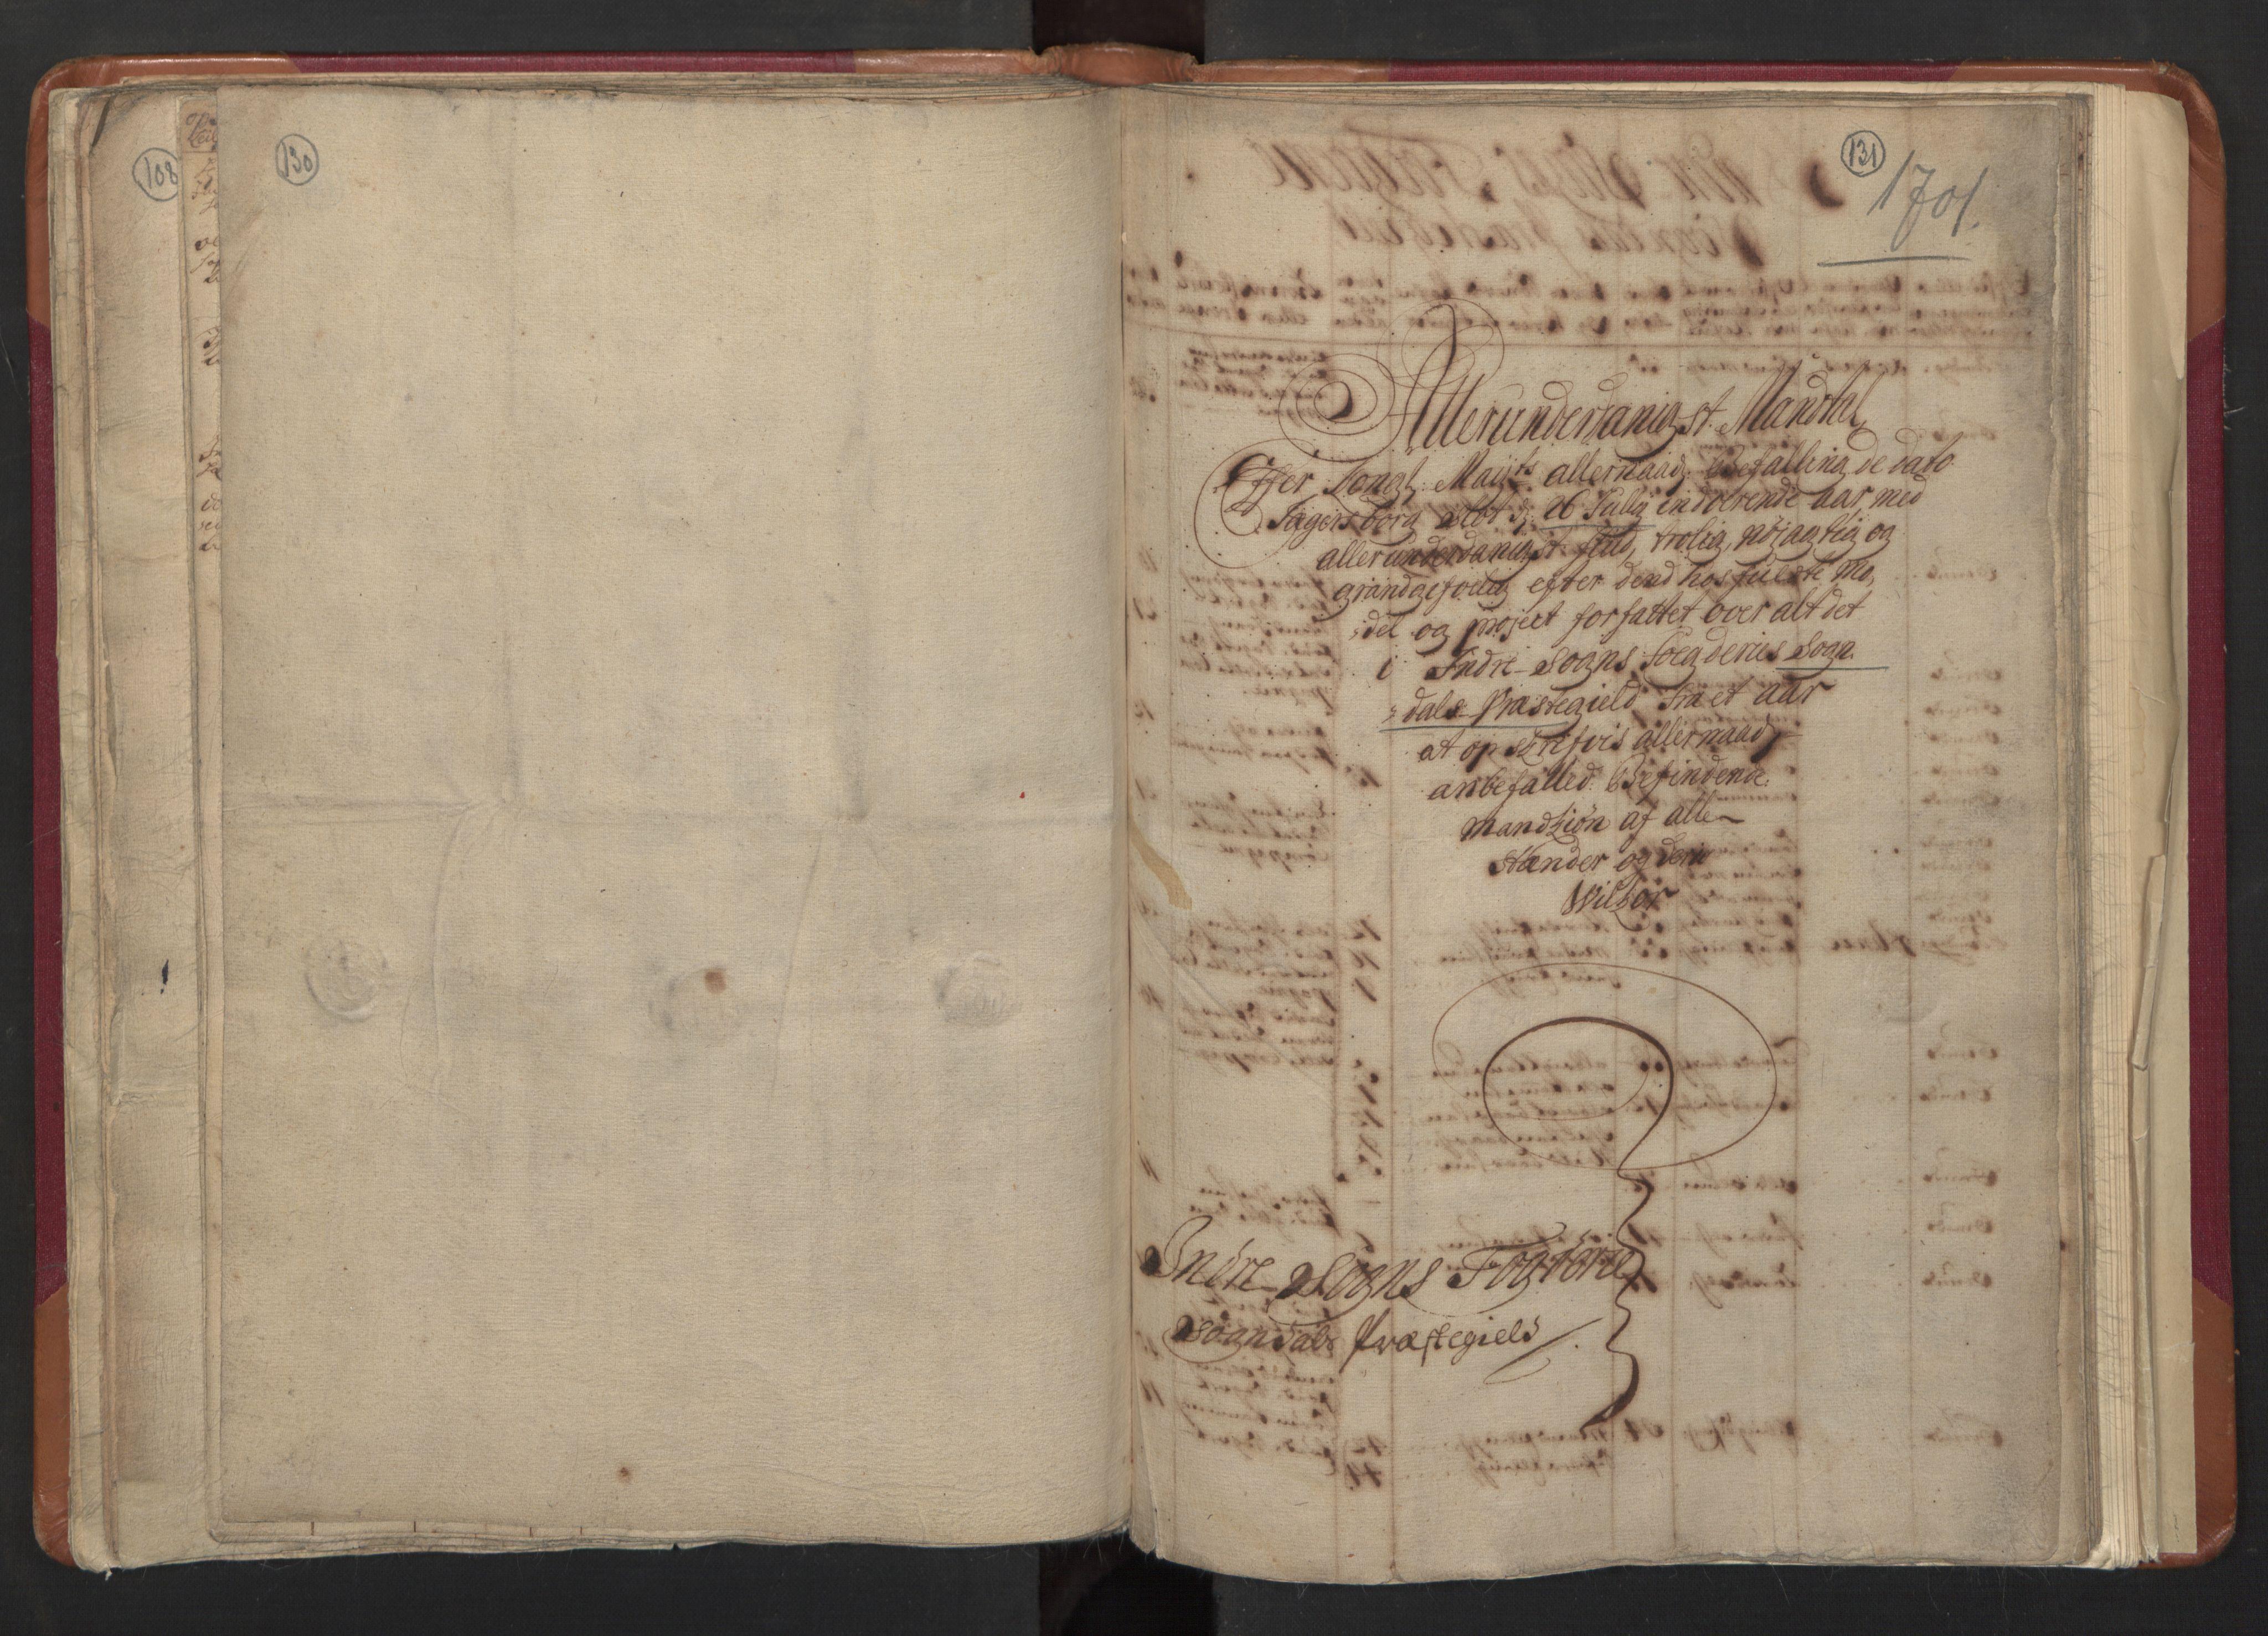 RA, Manntallet 1701, nr. 8: Ytre Sogn fogderi og Indre Sogn fogderi, 1701, s. 130-131